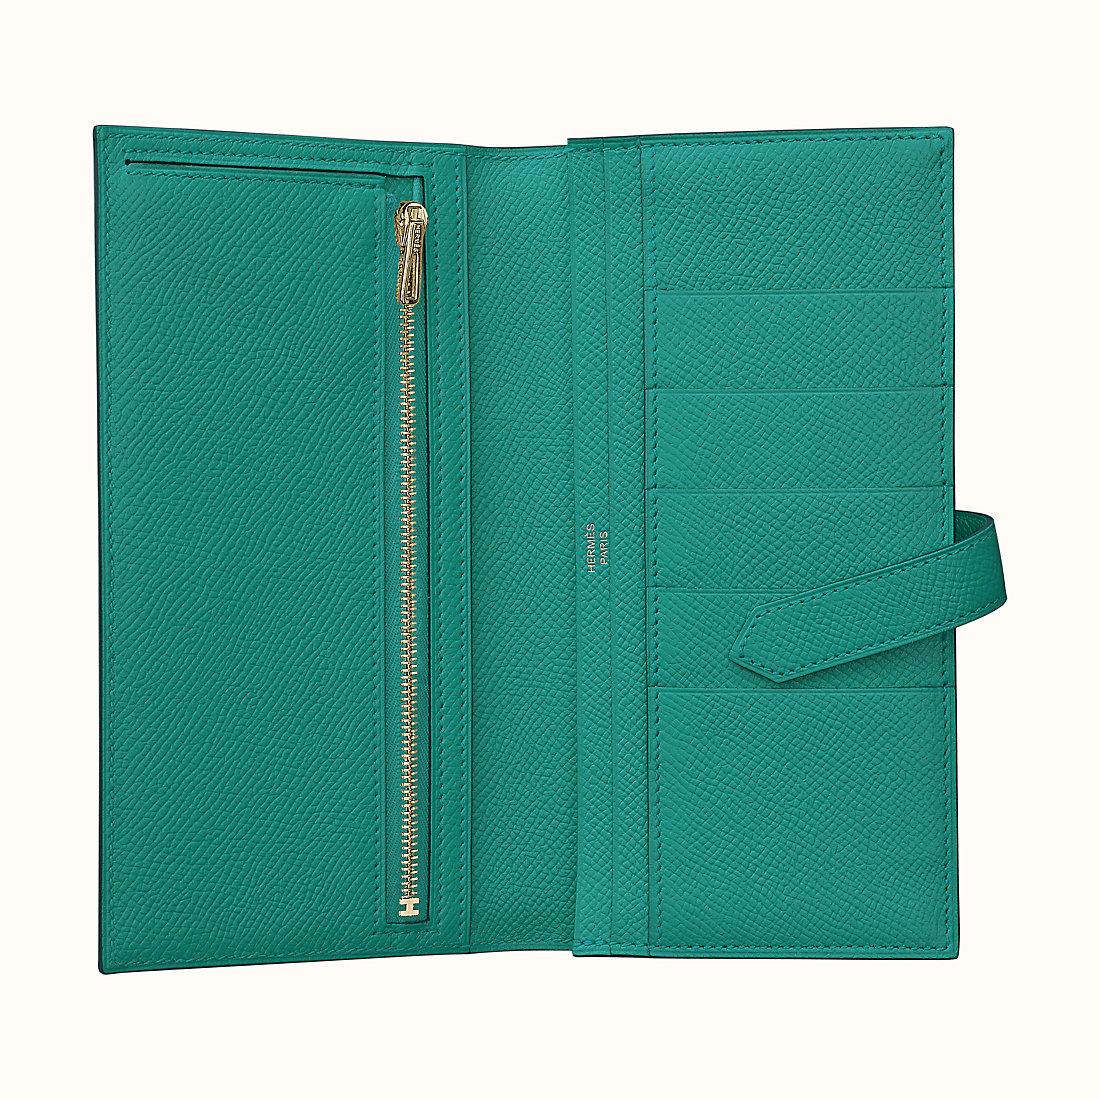 香港九龍城區愛馬仕扣板錢包 Hermes Bearn wallet CCU1 Vert Véronèse